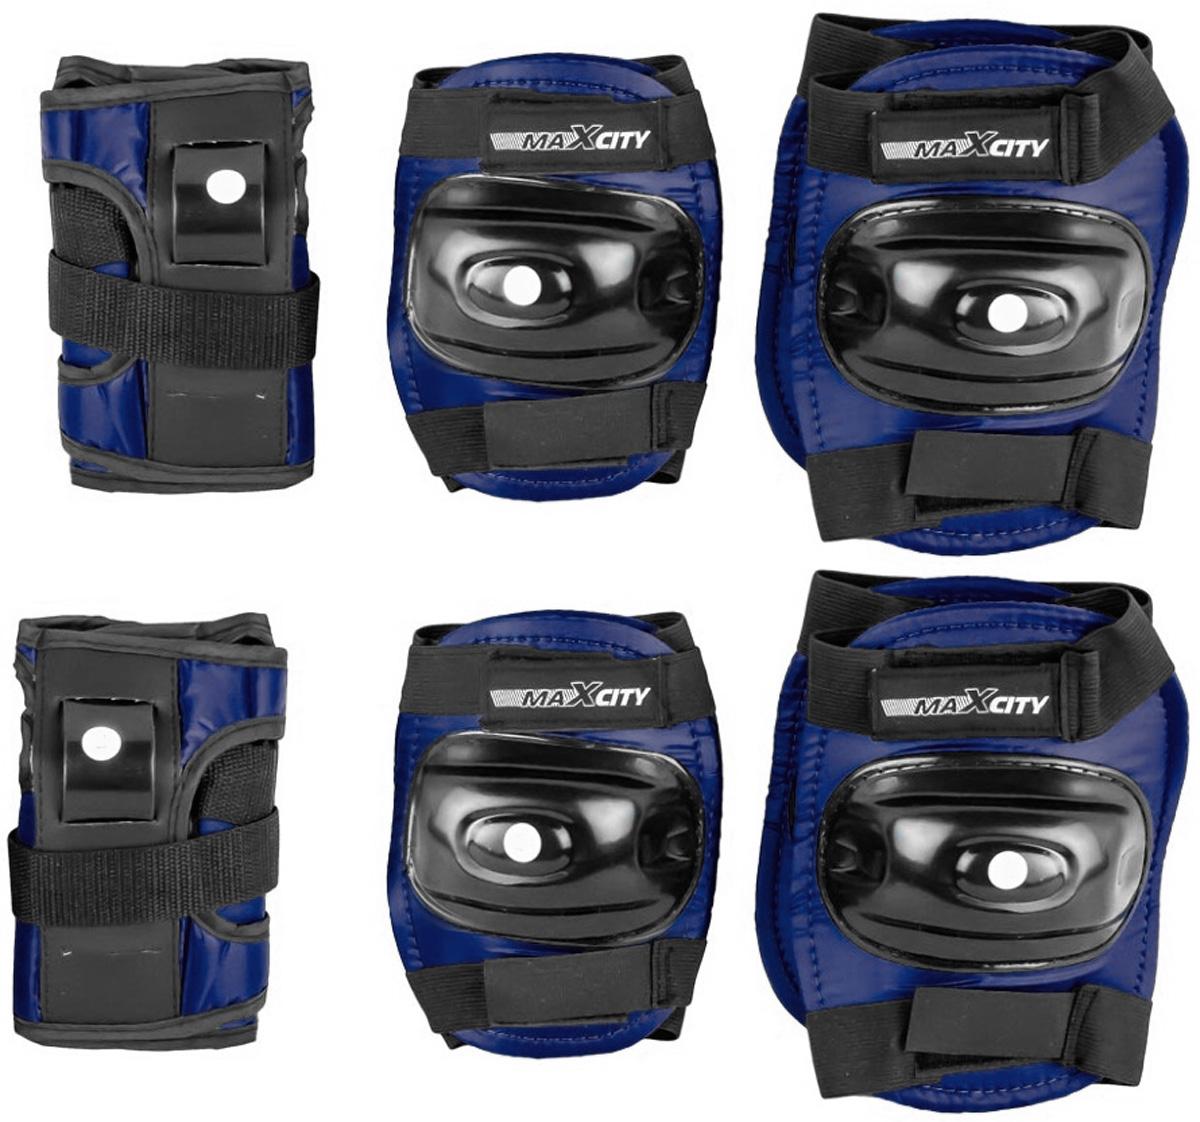 Защита роликовая MaxCity Standard, цвет: синий, черный. Размер SZ90 blackЗащита роликовая MaxCity Standard как нельзя лучше подойдет вашему ребенку. Защита предназначена для комфортного и безопасного катания на роликовых коньках. Состоит из налокотников, наколенников и защиты запястий. Каждый из этих элементов выполнен из качественных материалов, жестких снаружи и эластичных внутри. Двухкомпонентная система с внутренними вставками из этилвинилацетата поглощает энергию удара, снимает нагрузку с суставов и, таким образом, снижает риск получения травмы. Отличная подгонка достигается за счет анатомической формы и использования эластичных материалов. Защита комфортна при ношении, так как материал принимает форму руки или ноги. Размер наколенников: 14,5 х 11,5 х 2,5 см. Размер налокотников: 13 х 11 х 2 см. Размер защиты запястья: 13,5 х 7,5 х 5 см.